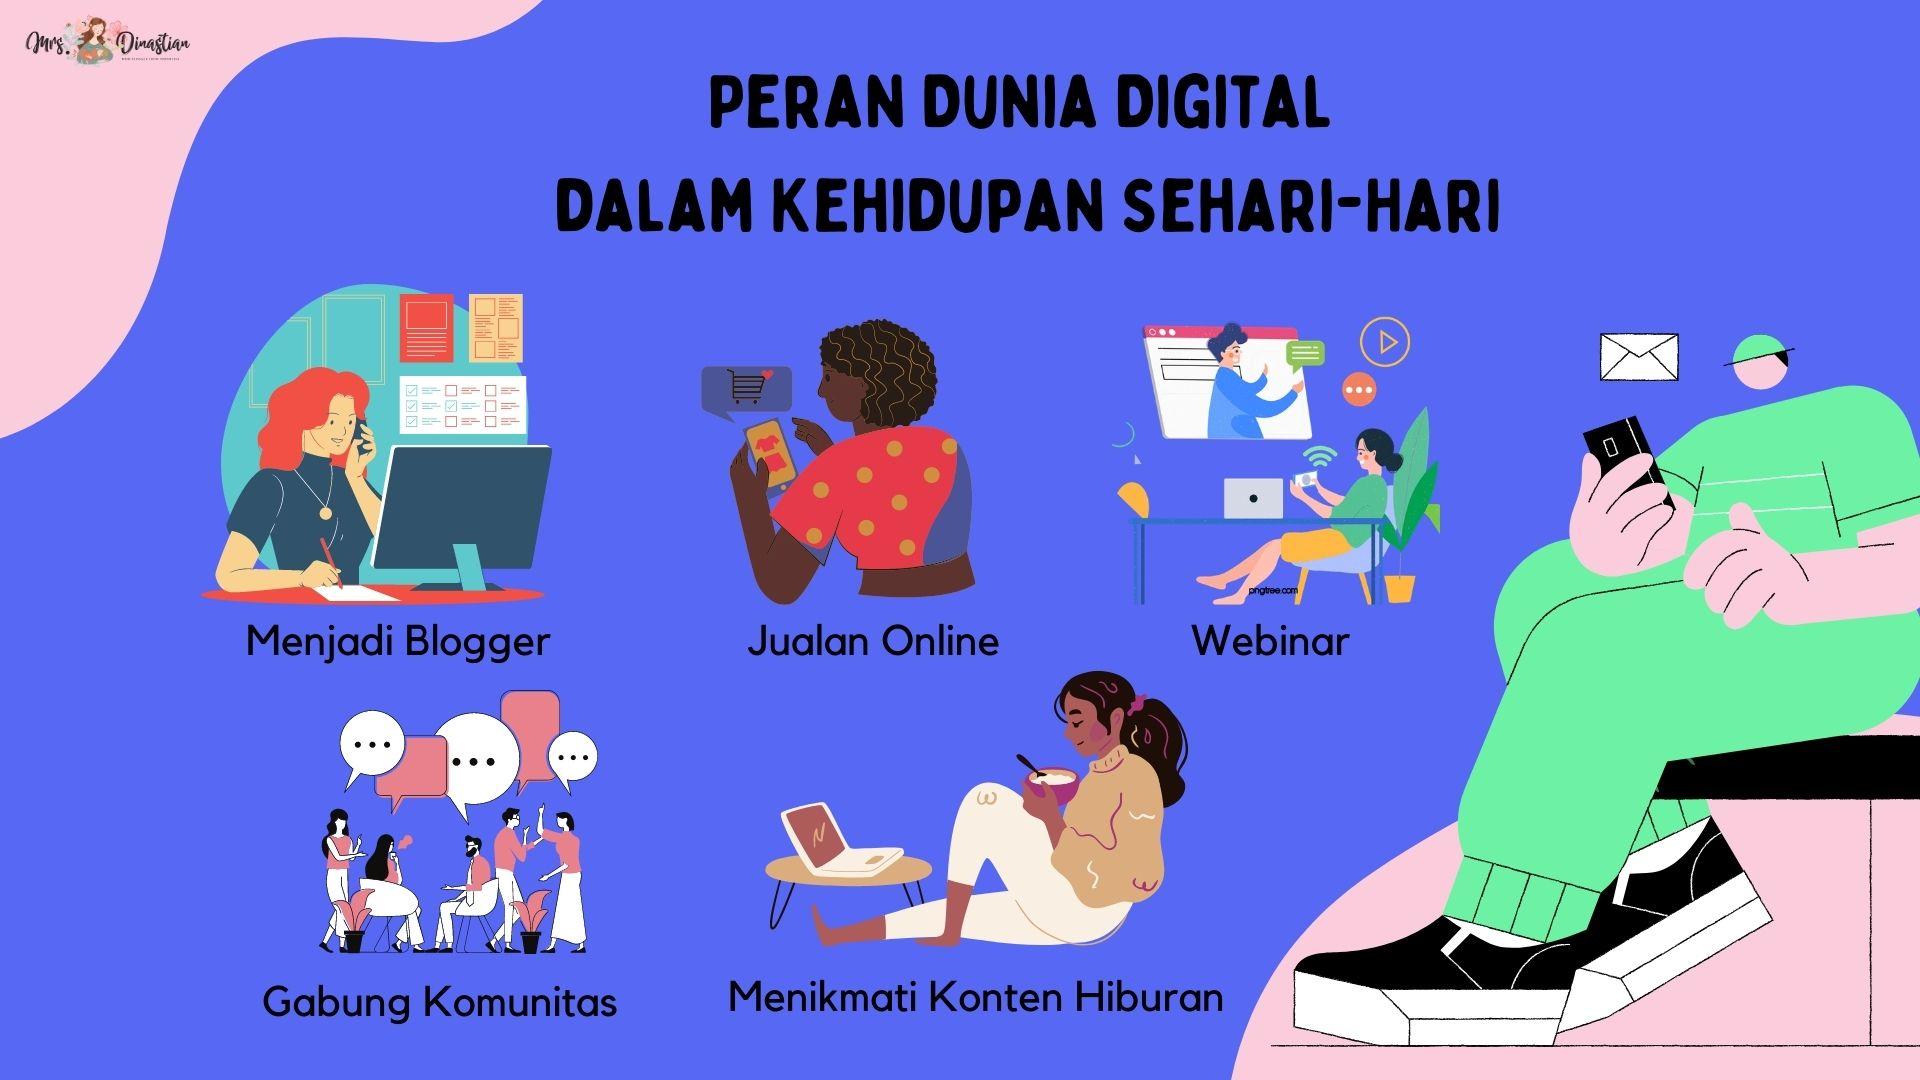 Peran Dunia Digital dalam Kehidupan Sehari-hari